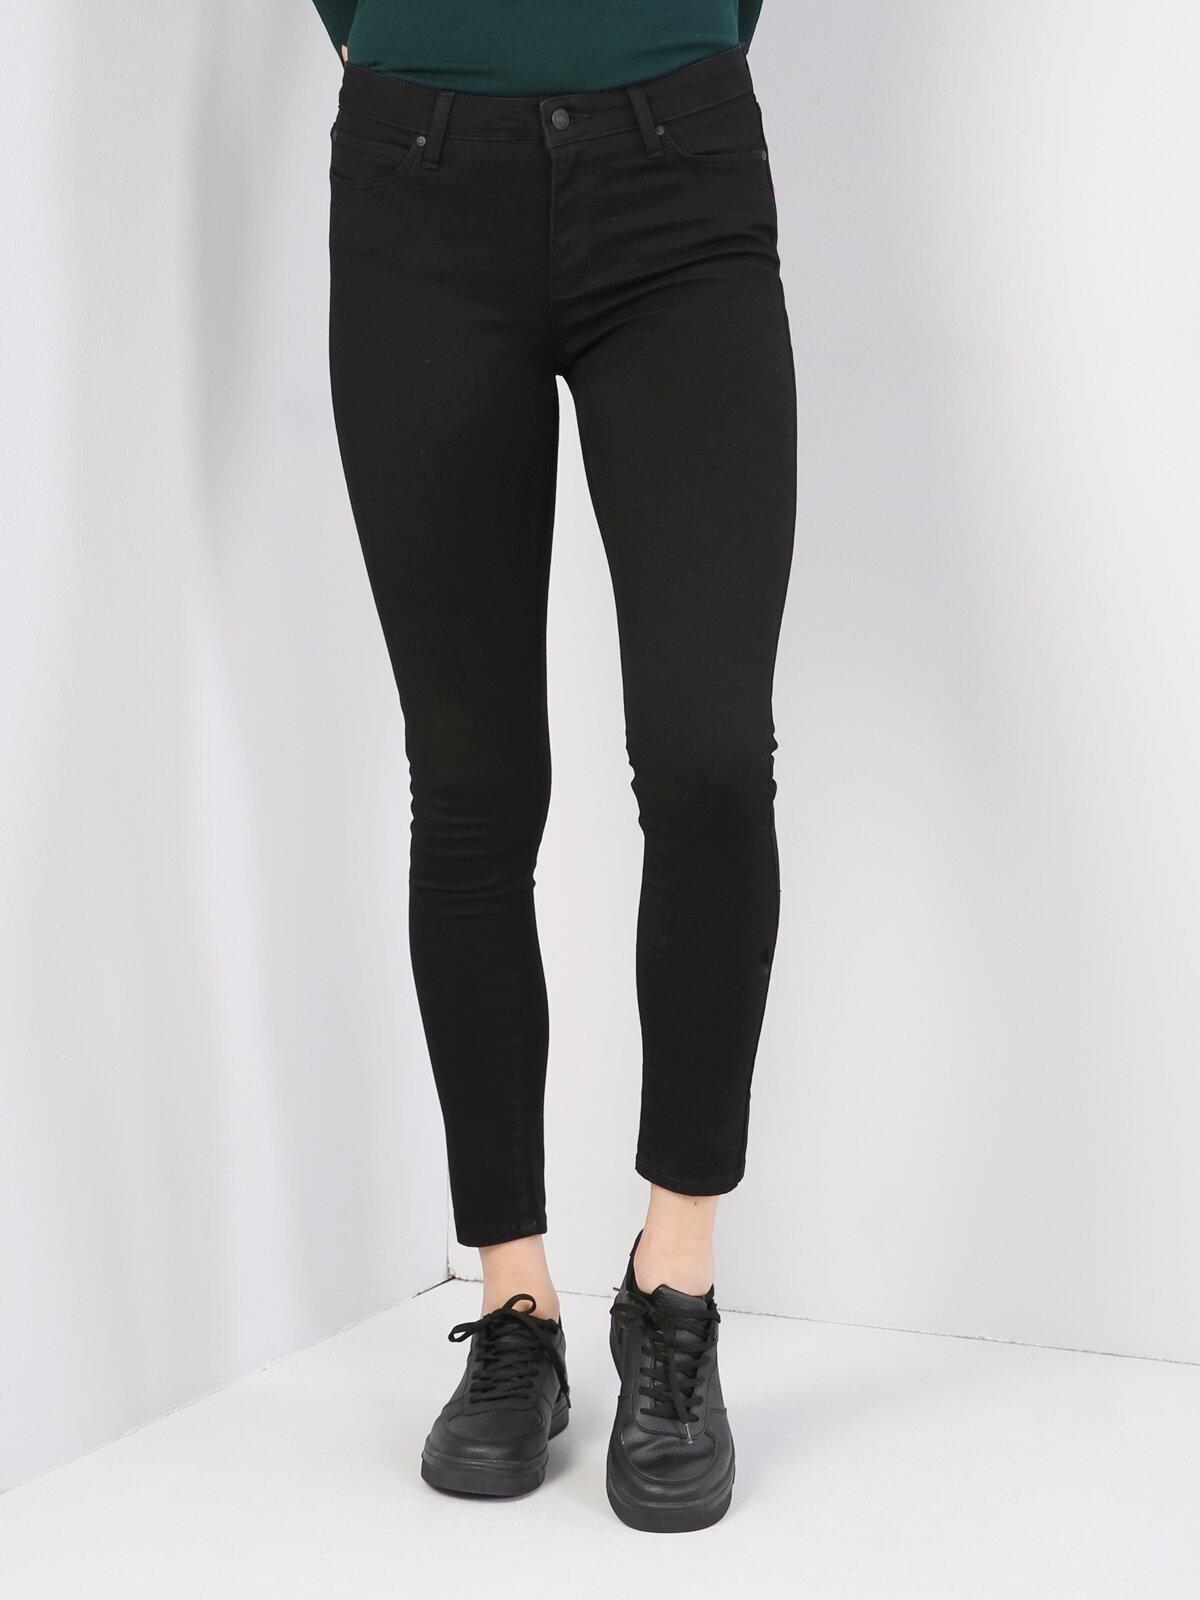 Показать информацию о Женские узкие джинсы со средней посадкой 759 LARA super slim fit CL1025327